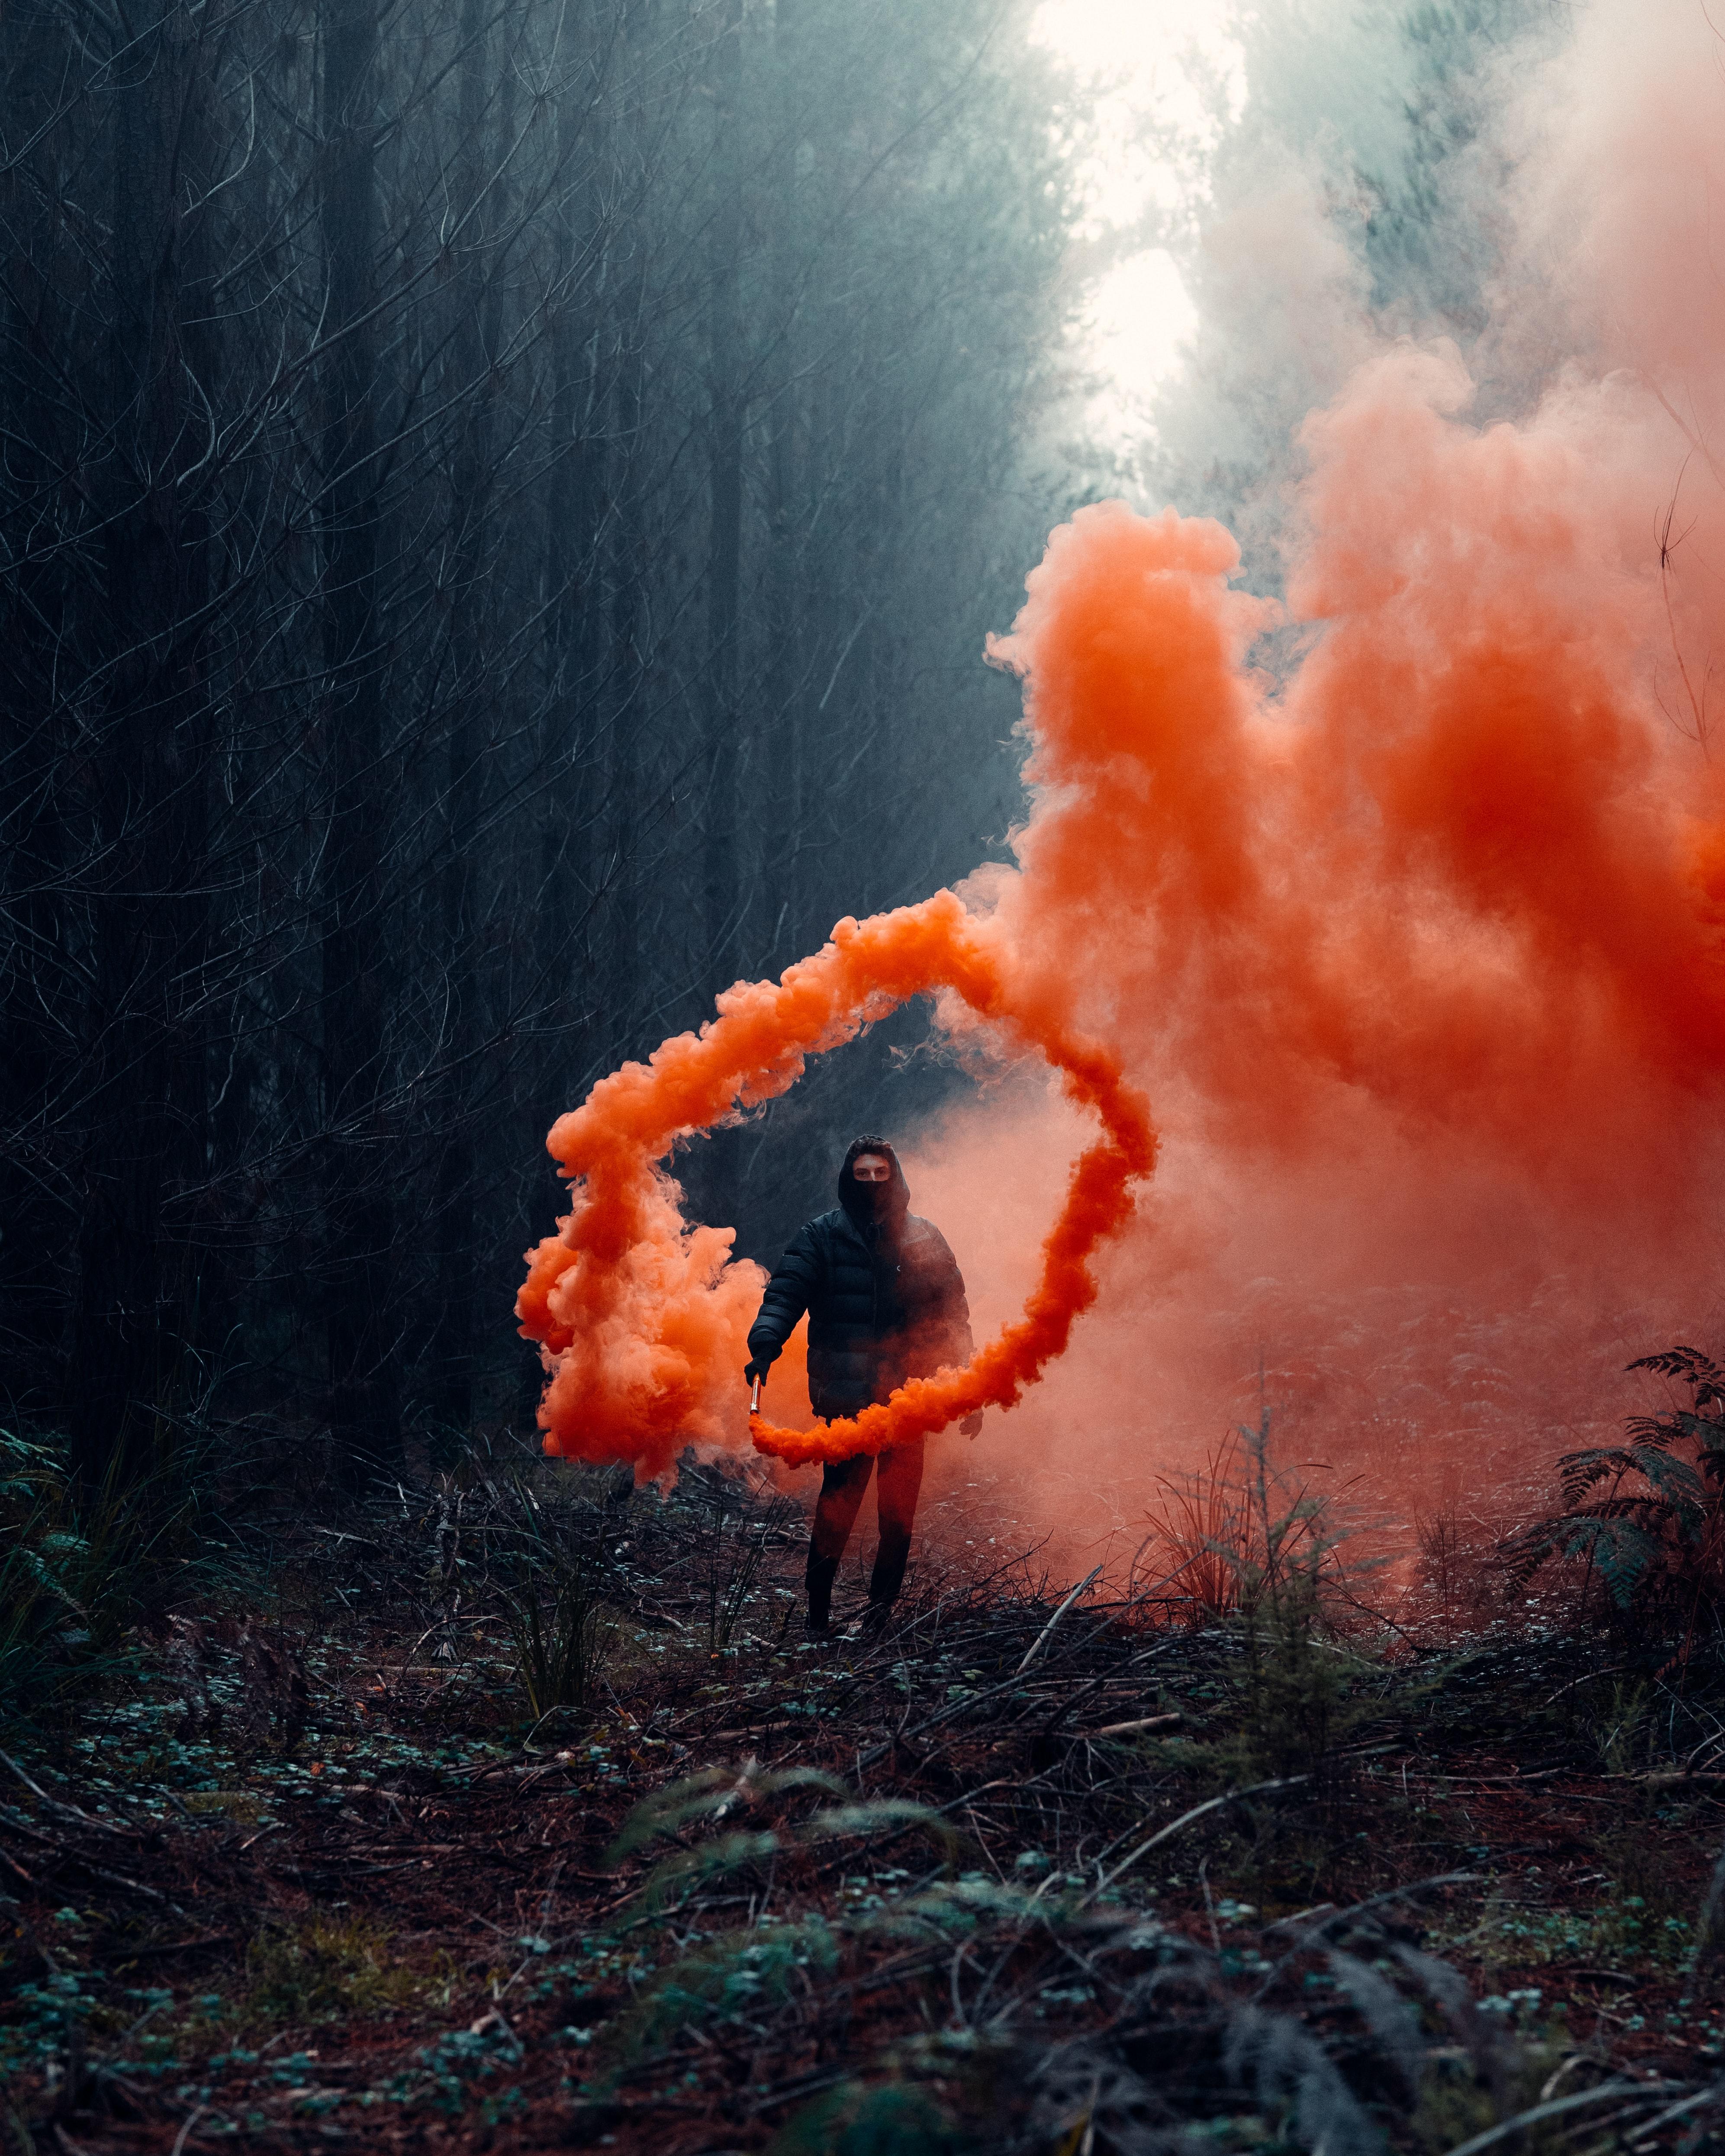 146882 免費下載壁紙 杂项, 人类, 男子, 云, 云端, 烟雾弹, 森林, 吸烟 屏保和圖片